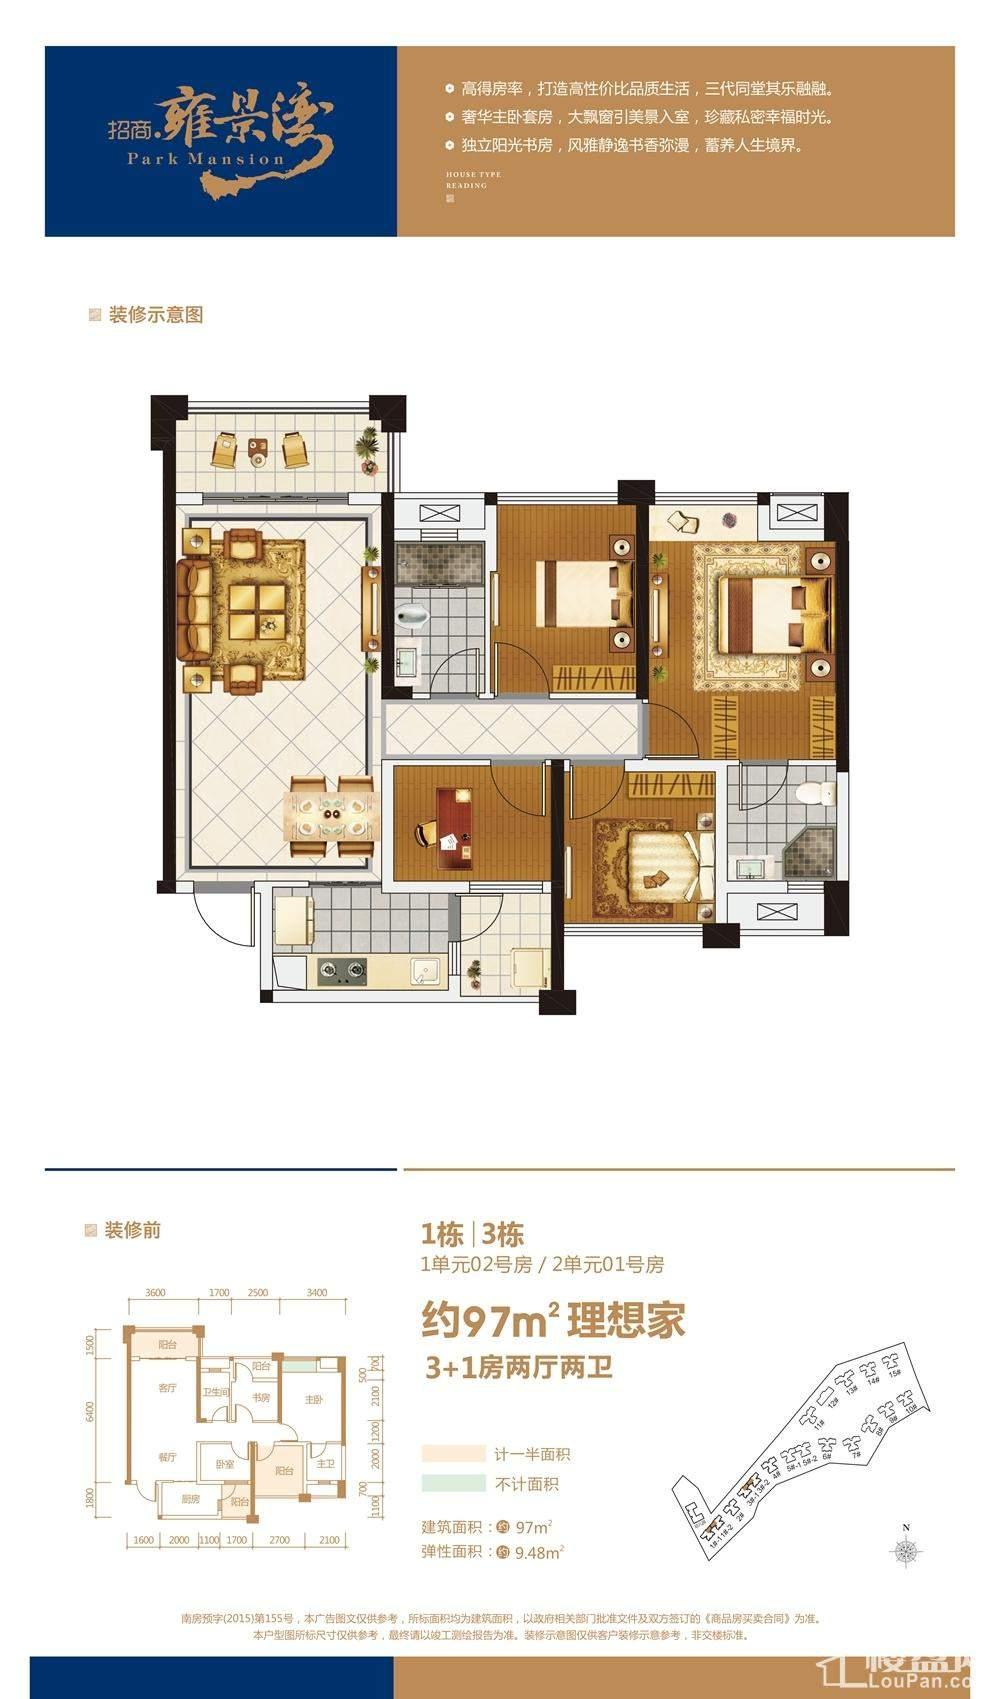 一期1#和3#楼1单元2号房、2单元1号房理想家户型